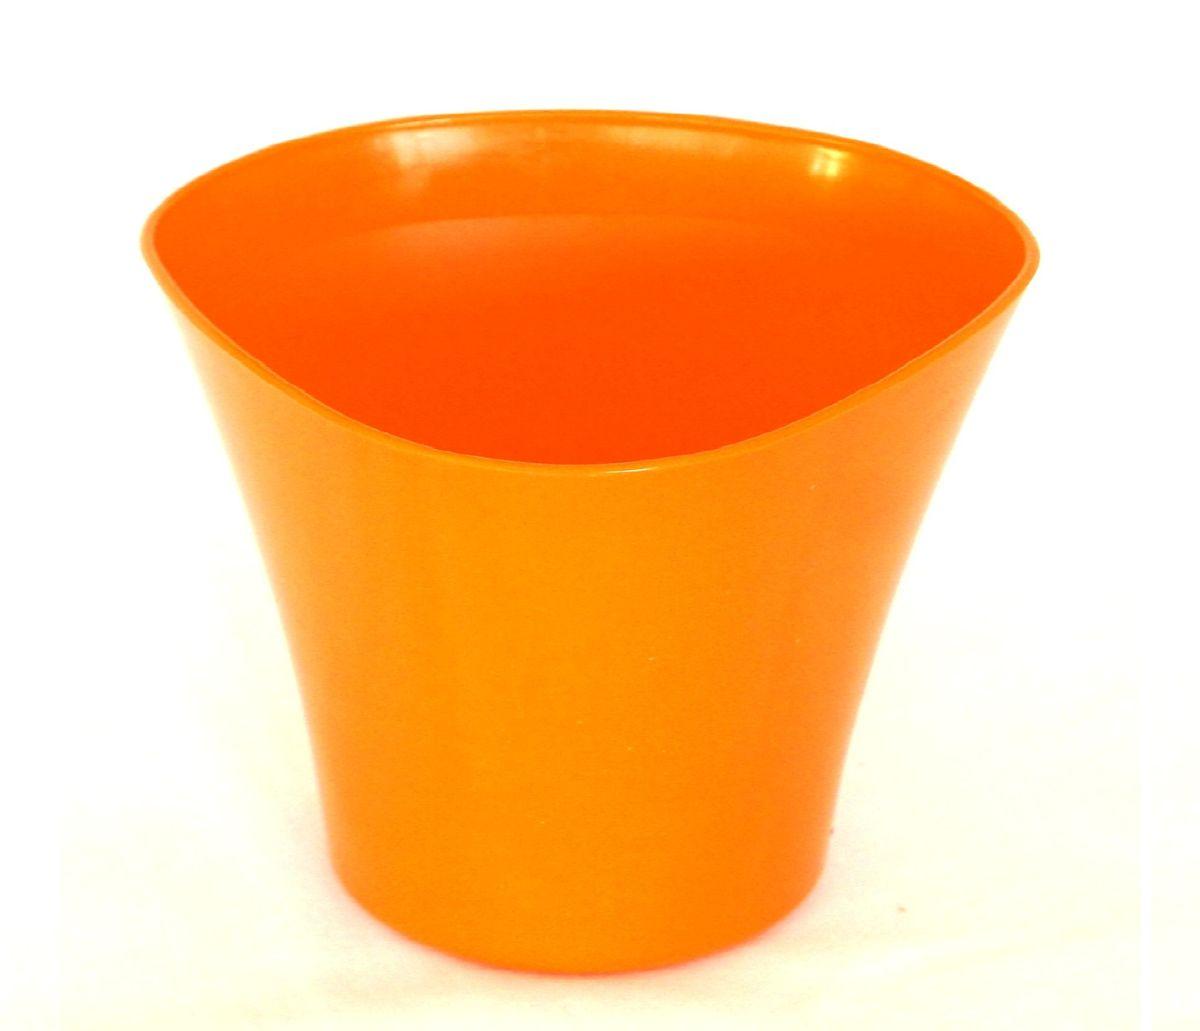 Кашпо JetPlast Волна, цвет: оранжевый, 600 мл4612754051403Кашпо Волна имеет уникальную форму, сочетающуюся как с классическим, так и с современным дизайном интерьера. Оно изготовлено из прочного полипропилена (пластика) и предназначено для выращивания растений, цветов и трав в домашних условиях. Такое кашпо порадует вас функциональностью, а благодаря лаконичному дизайну впишется в любой интерьер помещения. Объем кашпо: 600 мл.